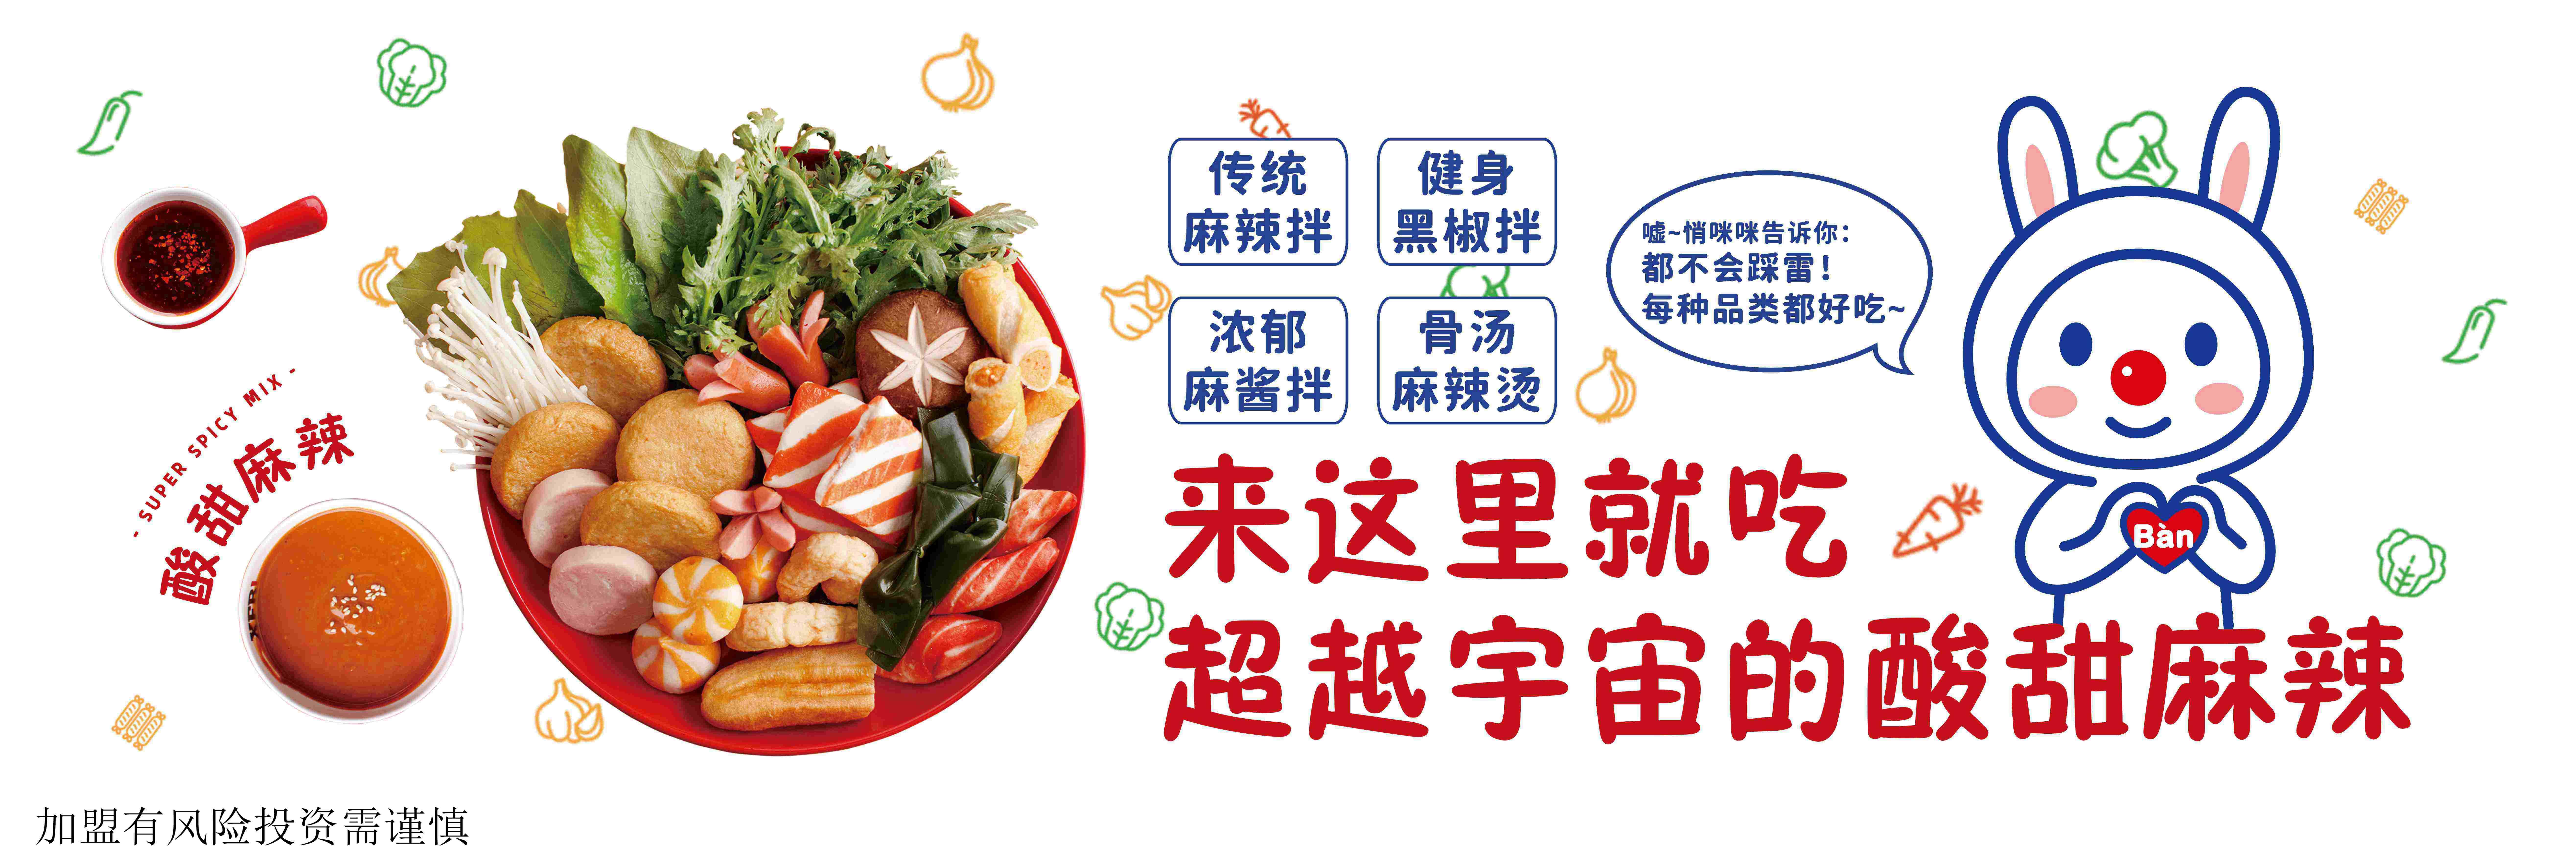 吉林省知恩天成餐飲管理有限公司公司介紹